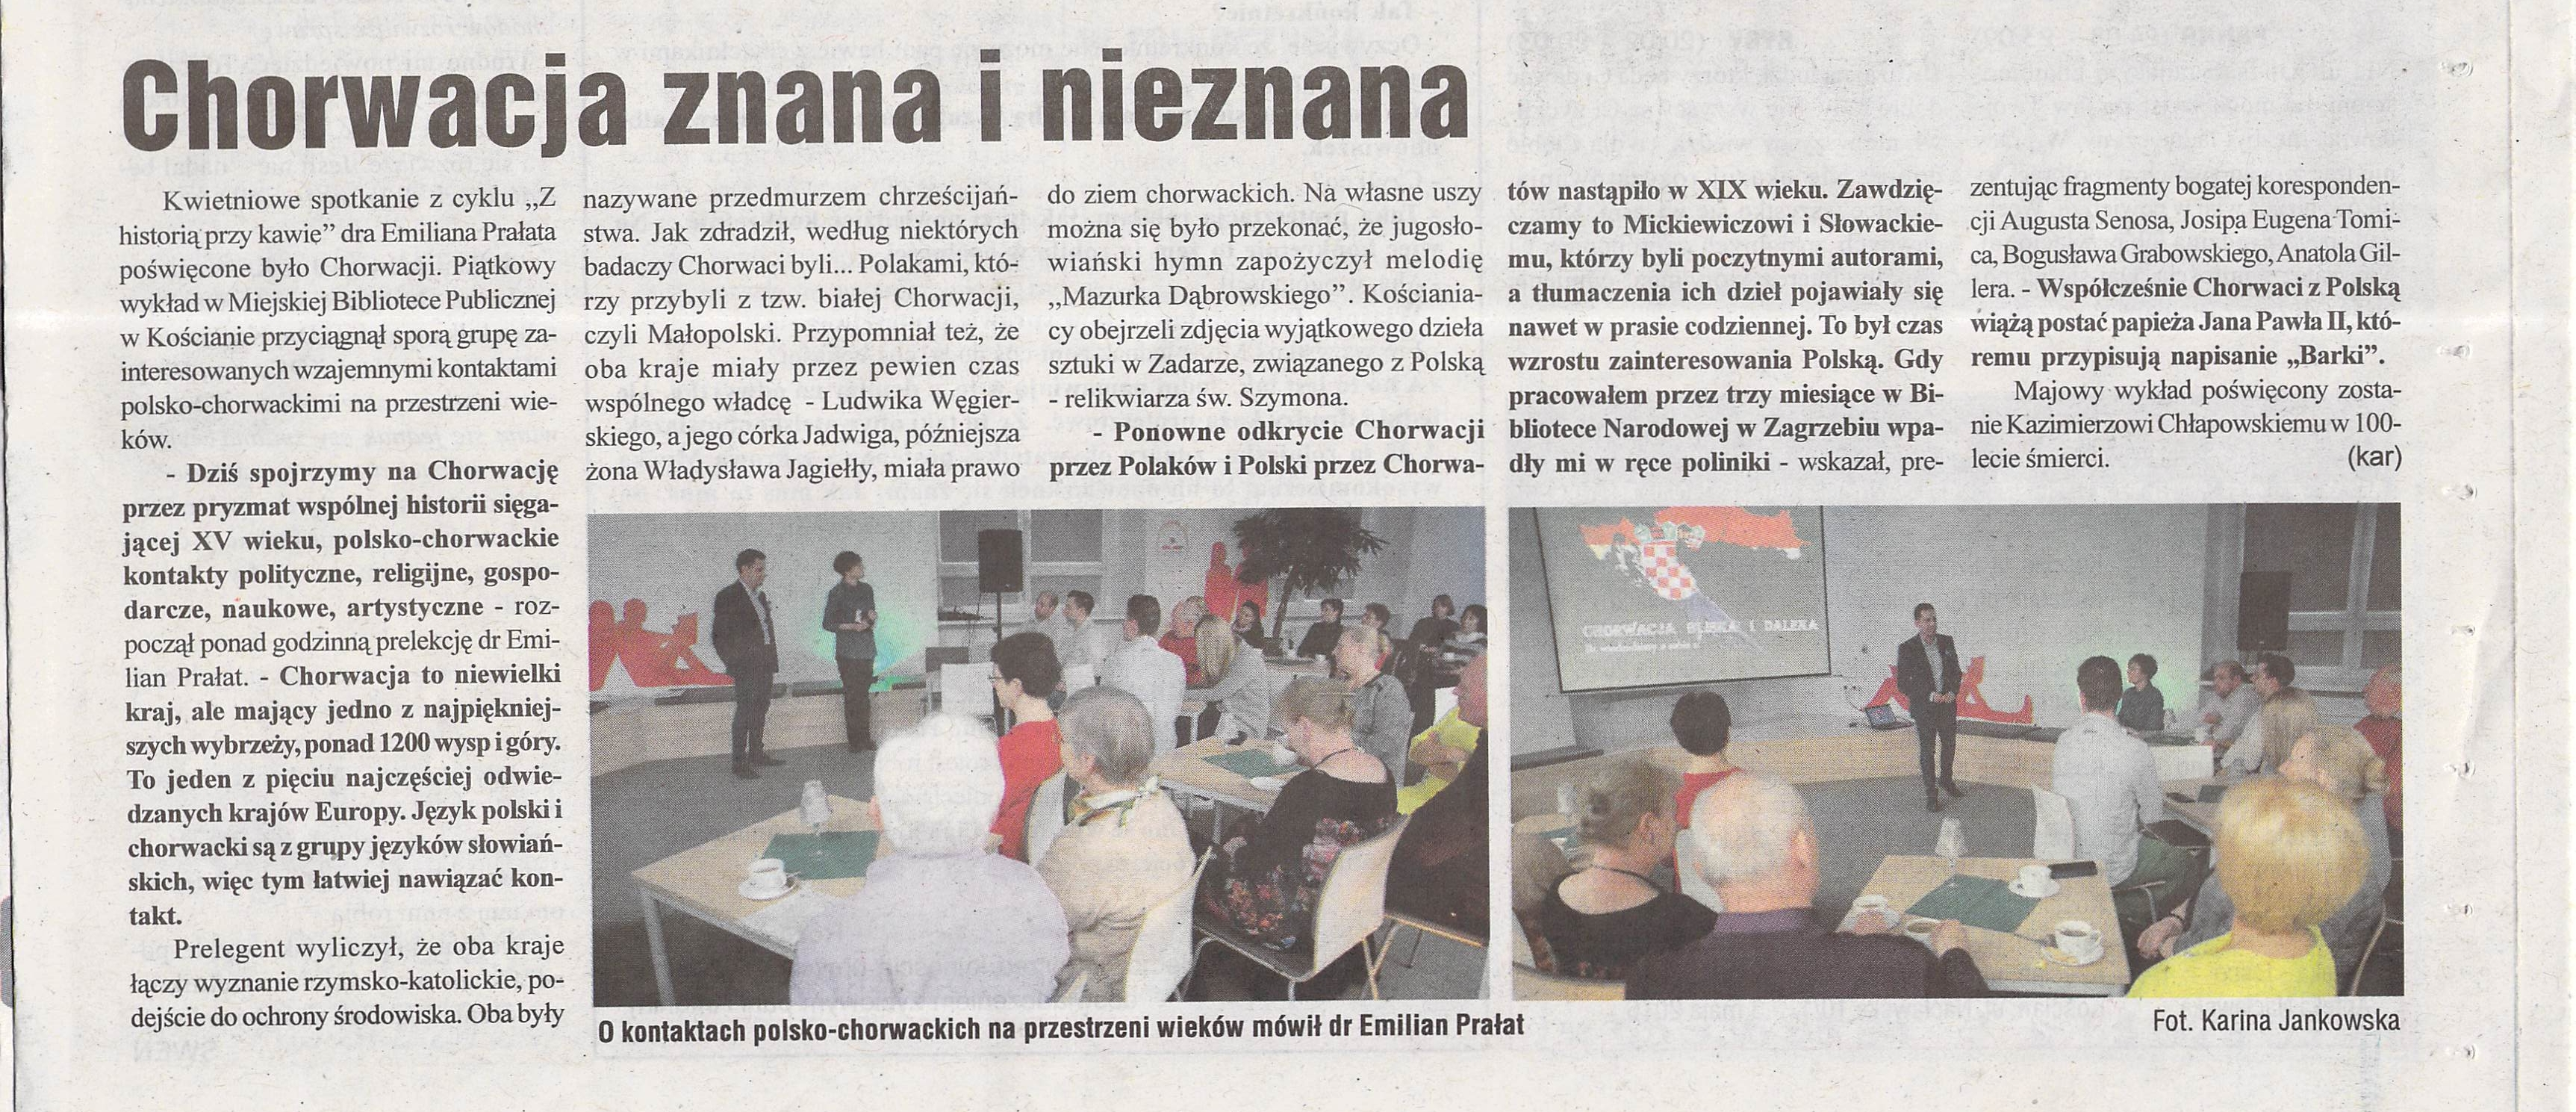 Gazeta Kościańska 2016.04.20, s. 19